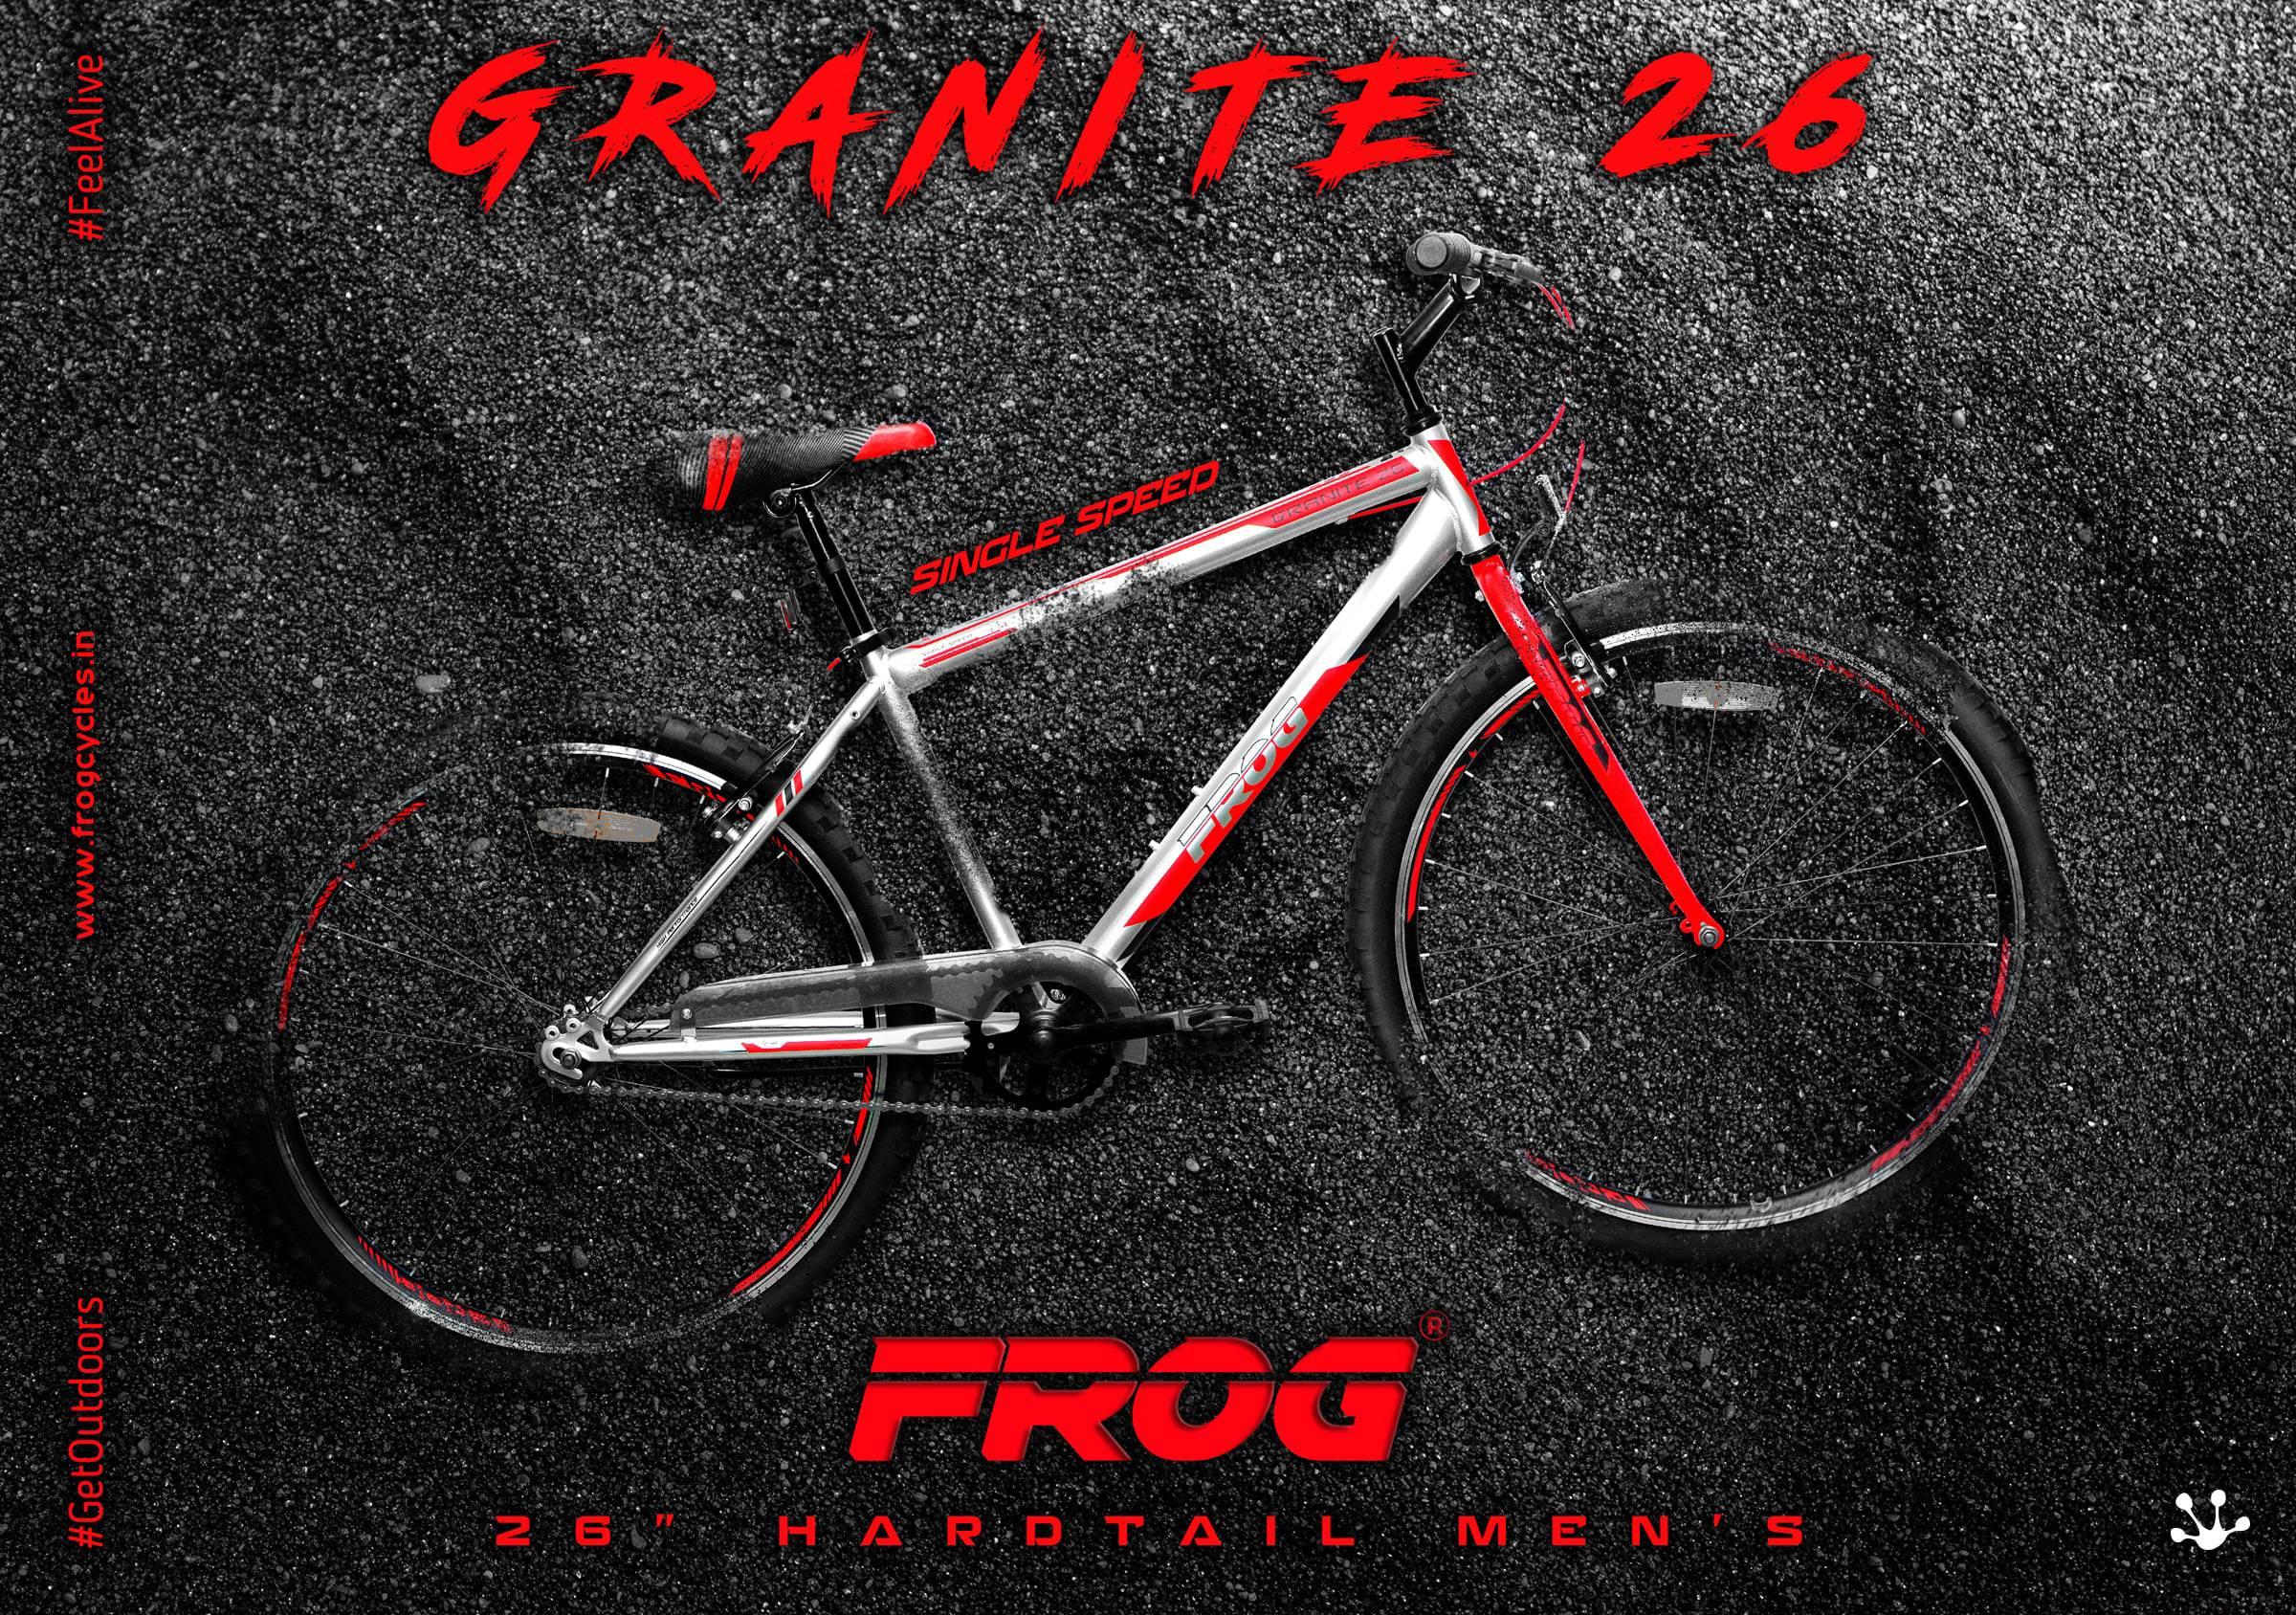 Granite 26 Men image 2